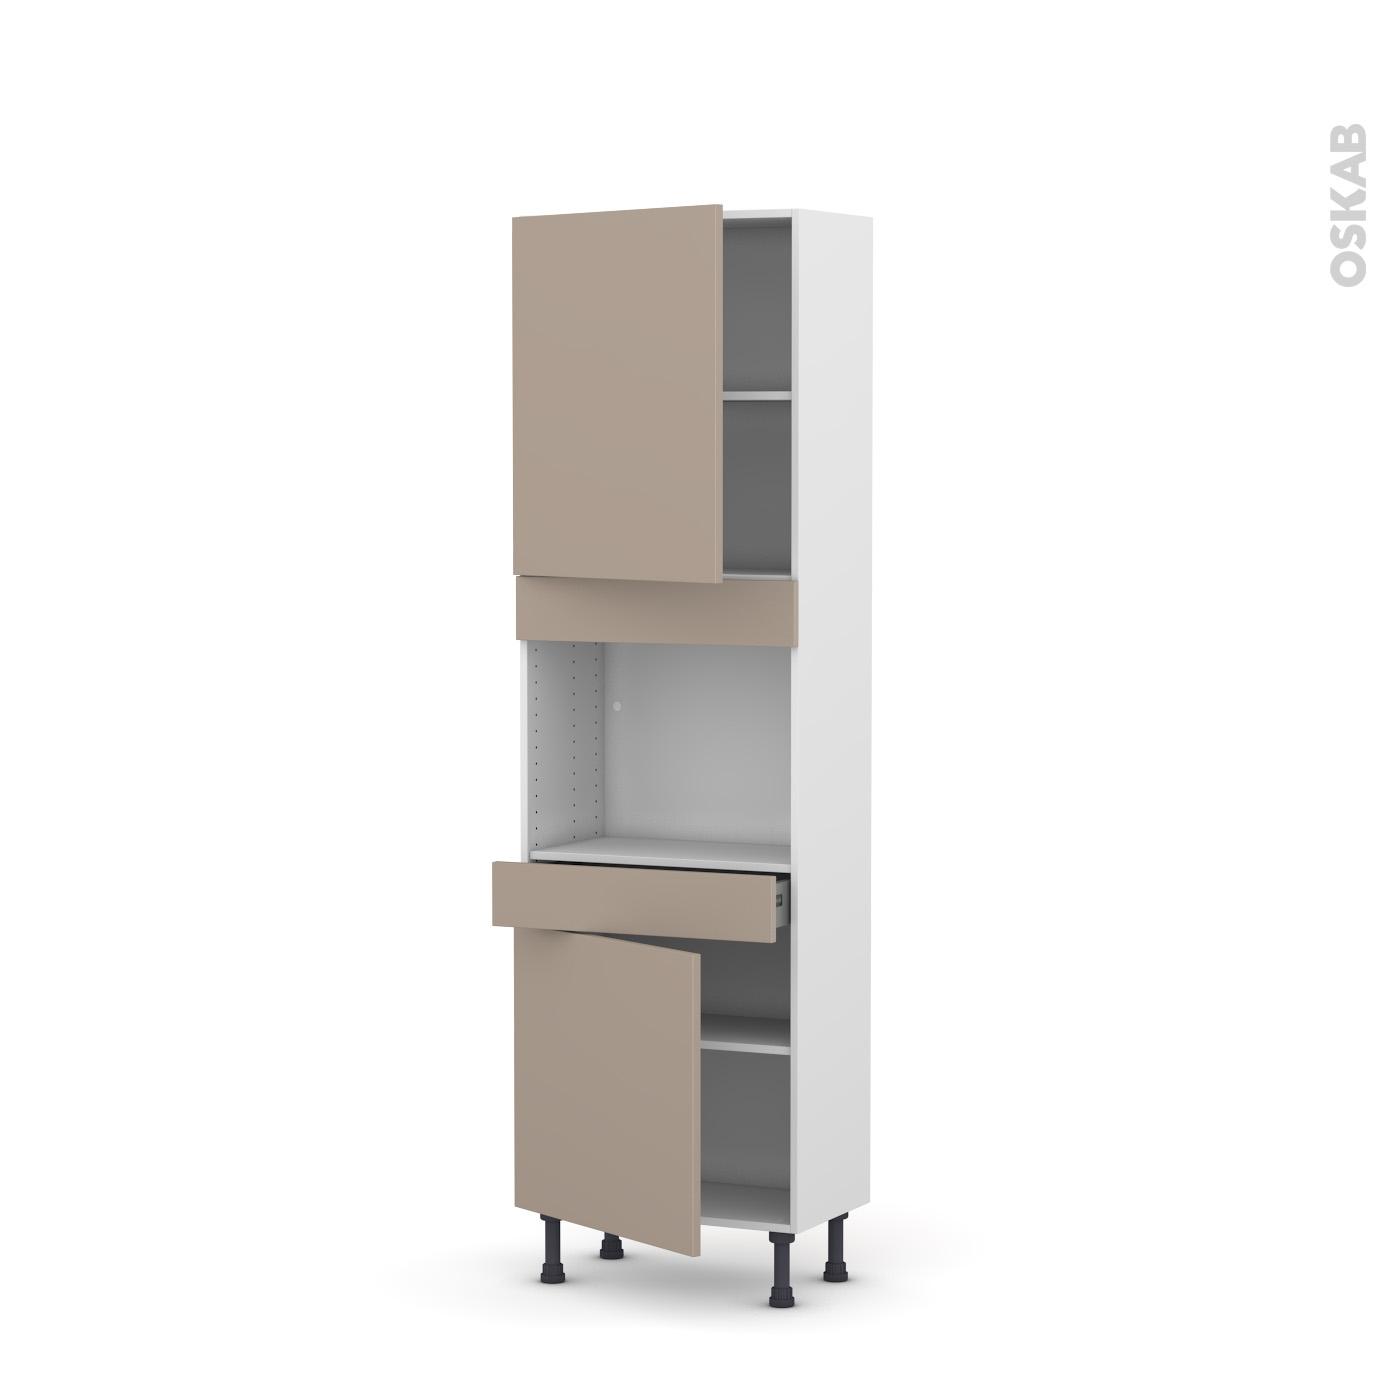 Meuble Sous Plaque Four Ikea colonne de cuisine n°2156 four encastrable niche 45 ginko taupe, 2 portes 1  tiroir, l60 x h195 x p37 cm